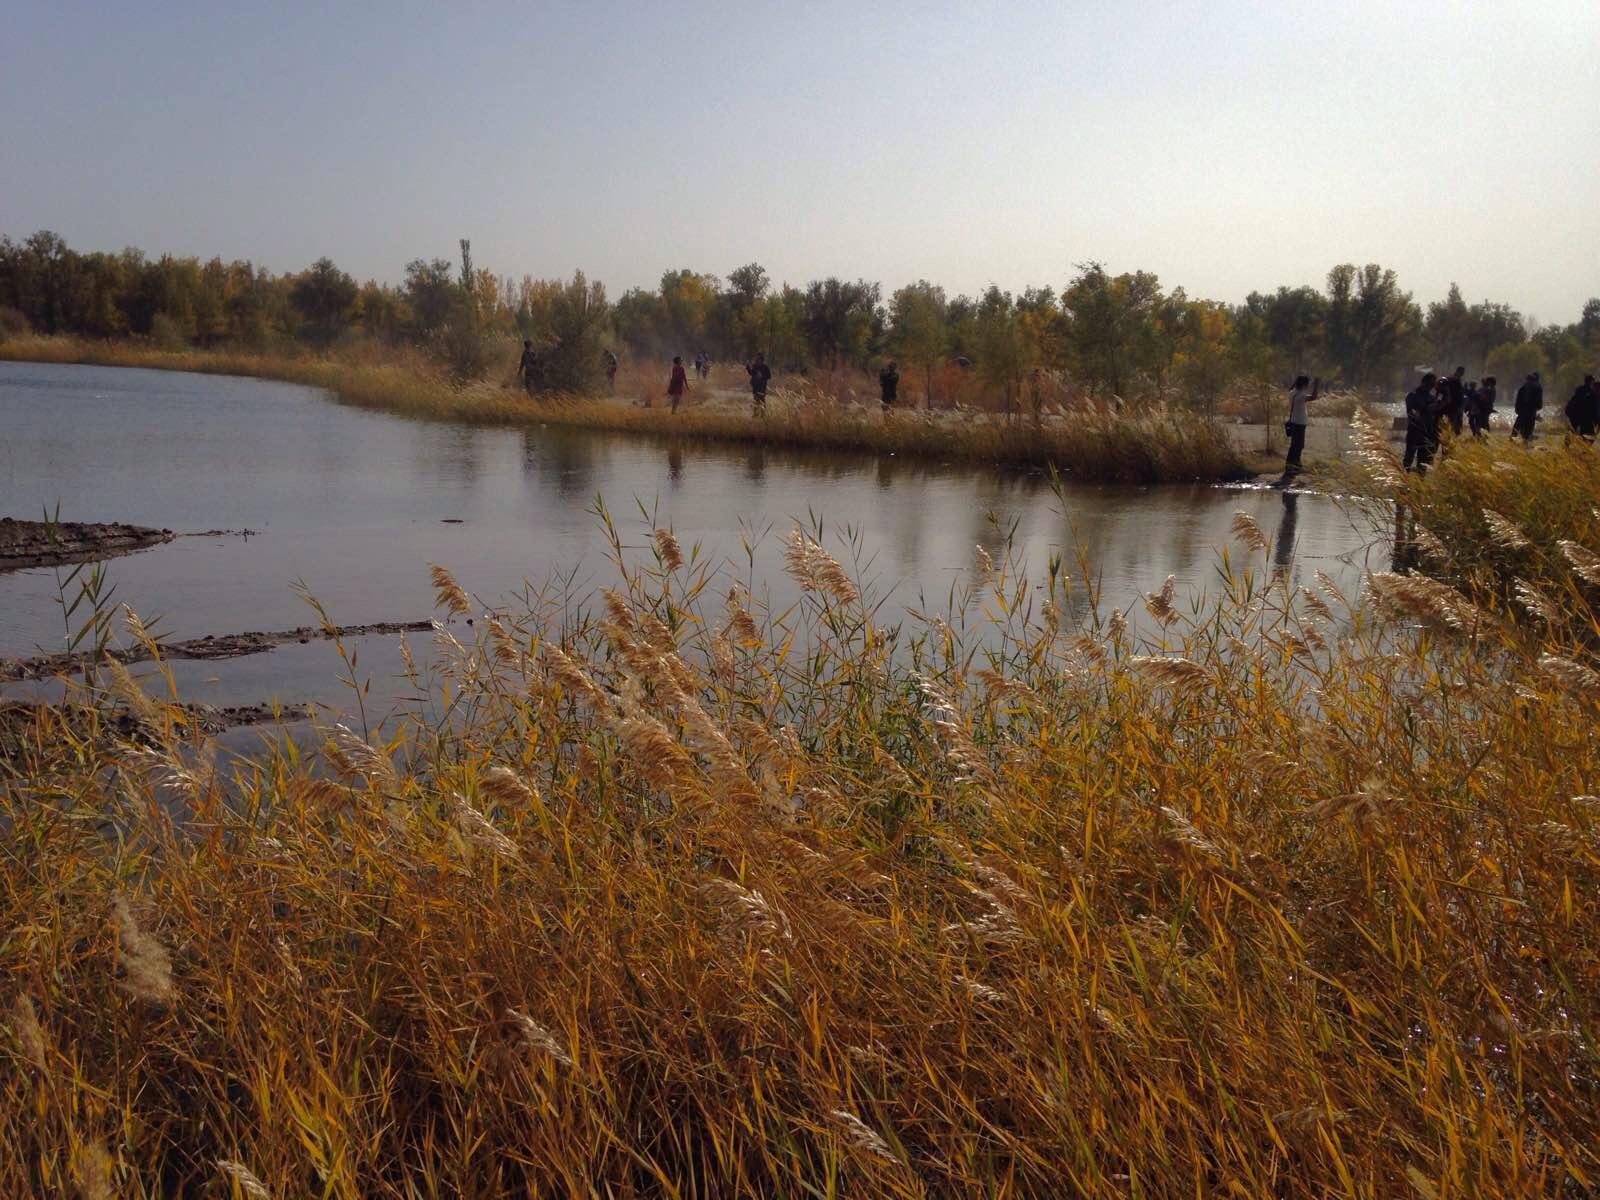 湖水中的倒影,金黄色的胡杨树叶与湛蓝的天空倒映在